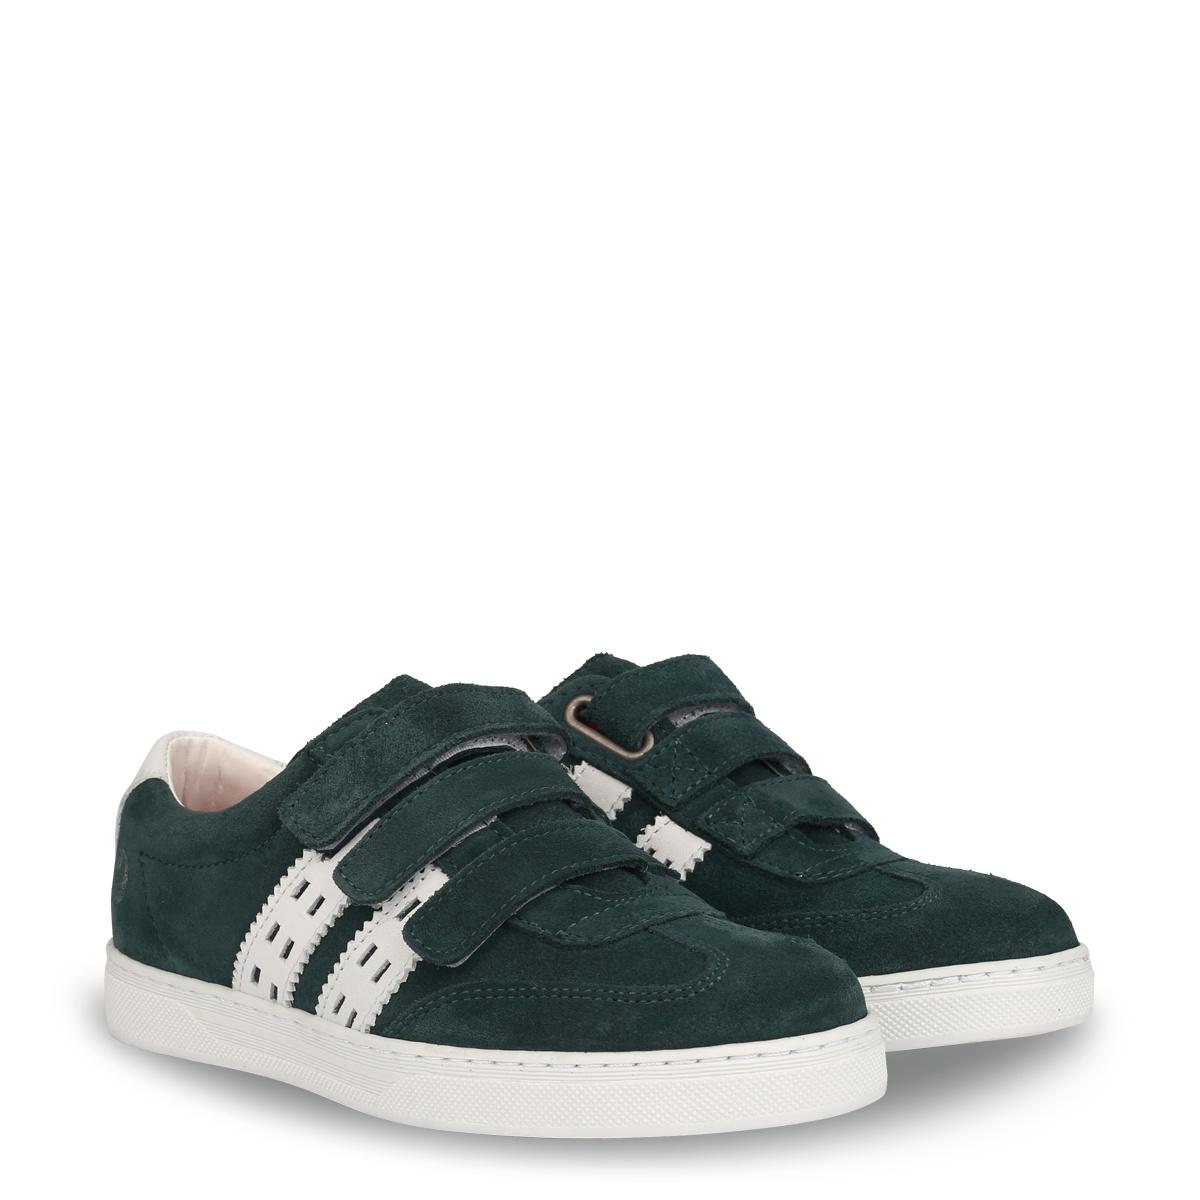 Kids Sneaker Legend '69 JR Velcro Dark Teal White Q1905